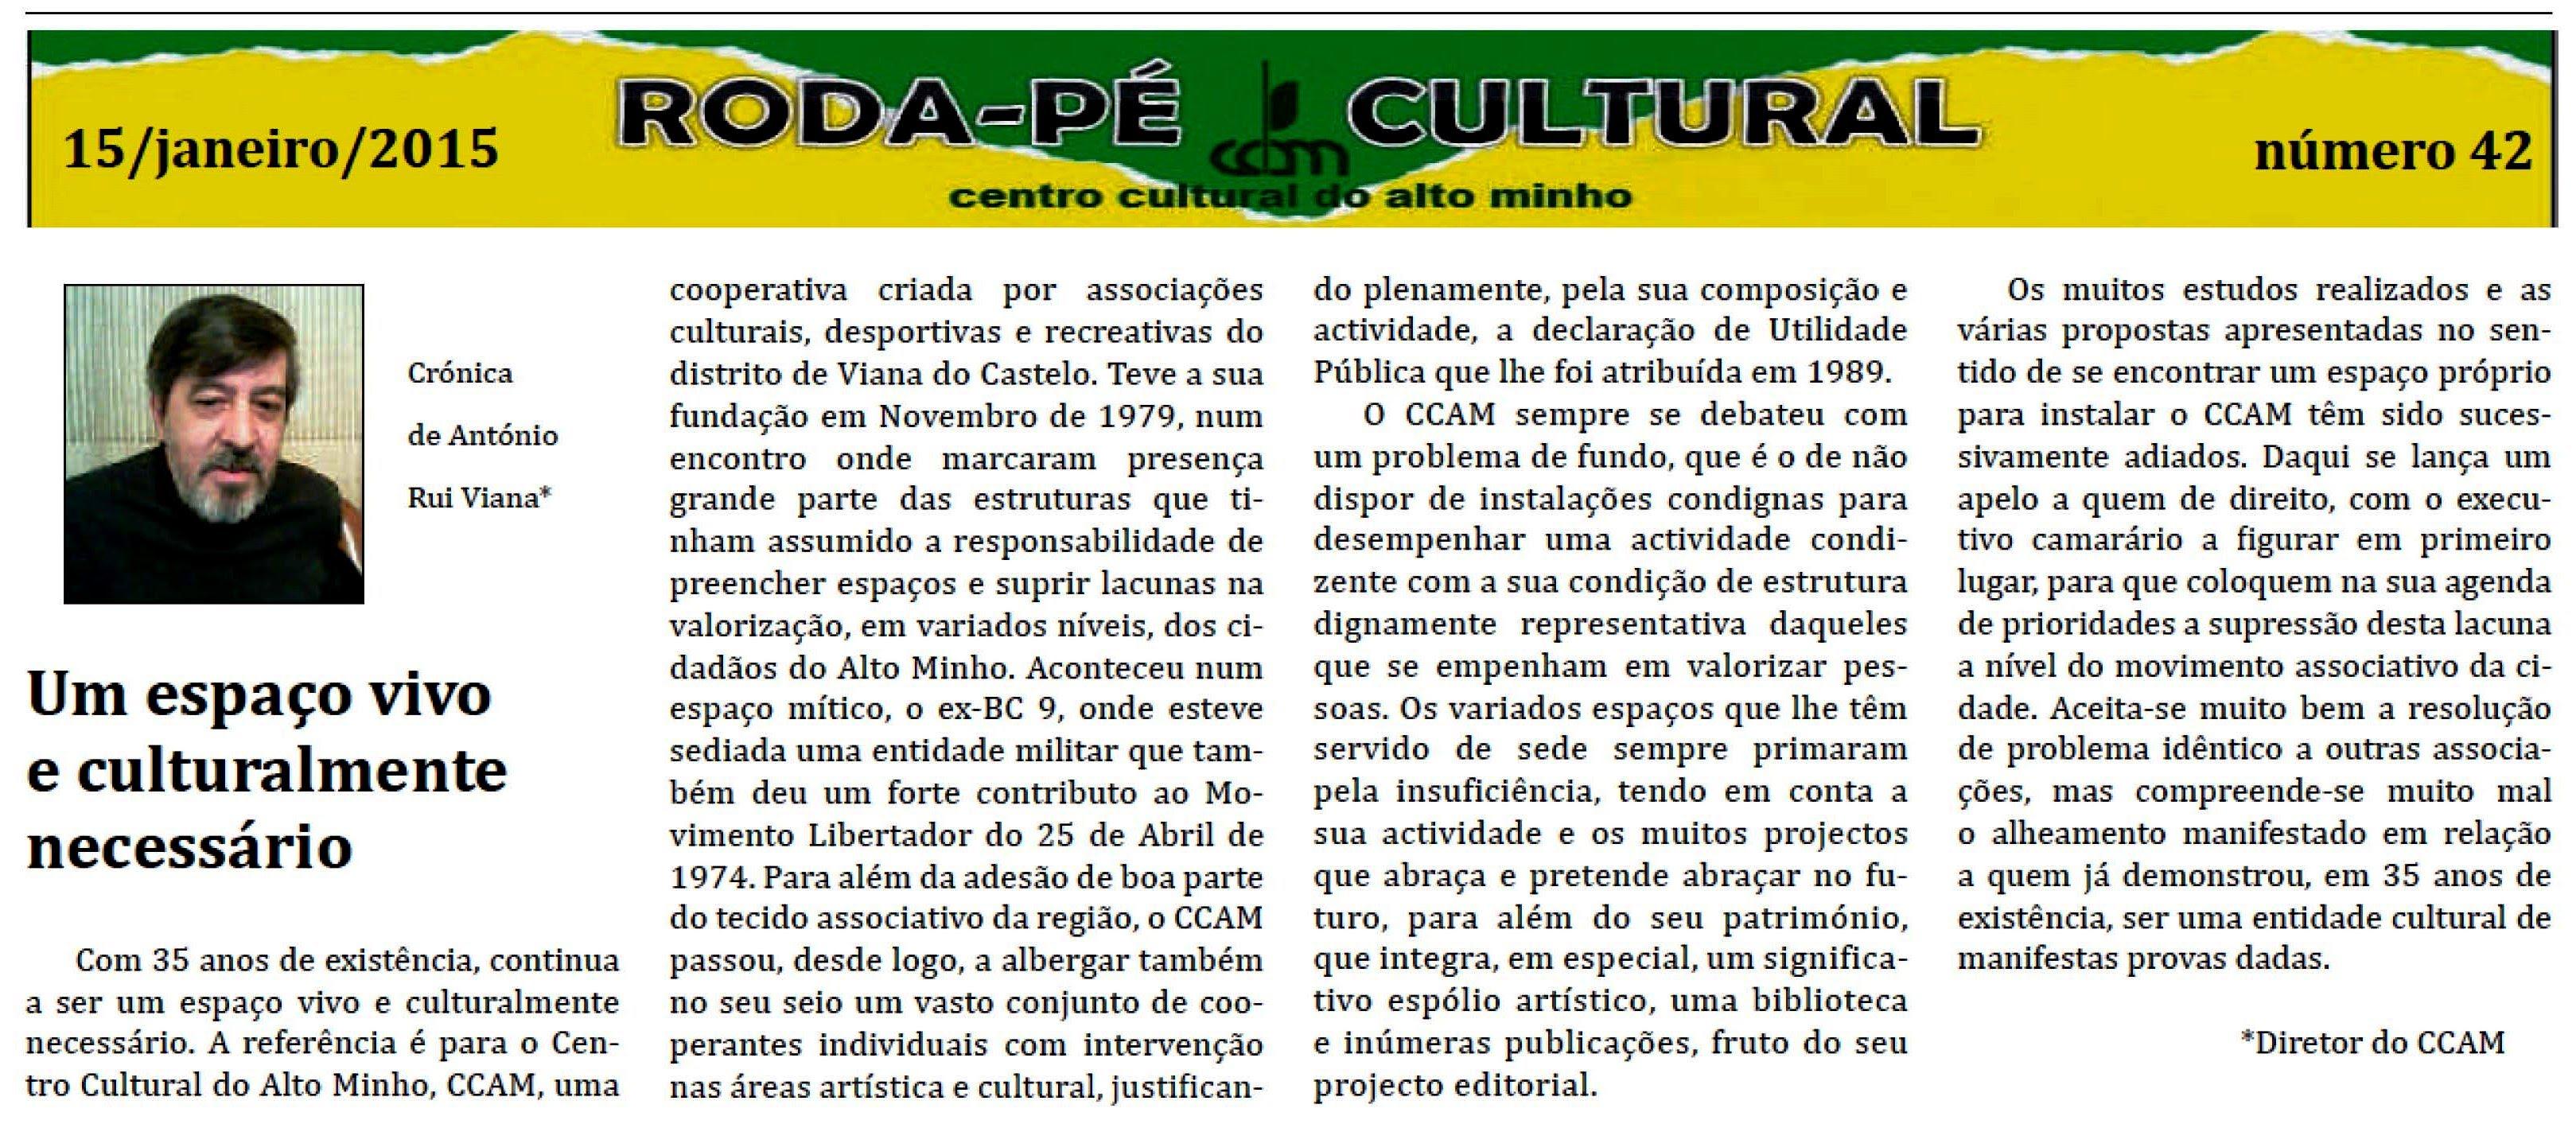 https://sites.google.com/a/centroculturaldoaltominho.org/ccam/actividades-realizadas/2015/Rp42.jpg